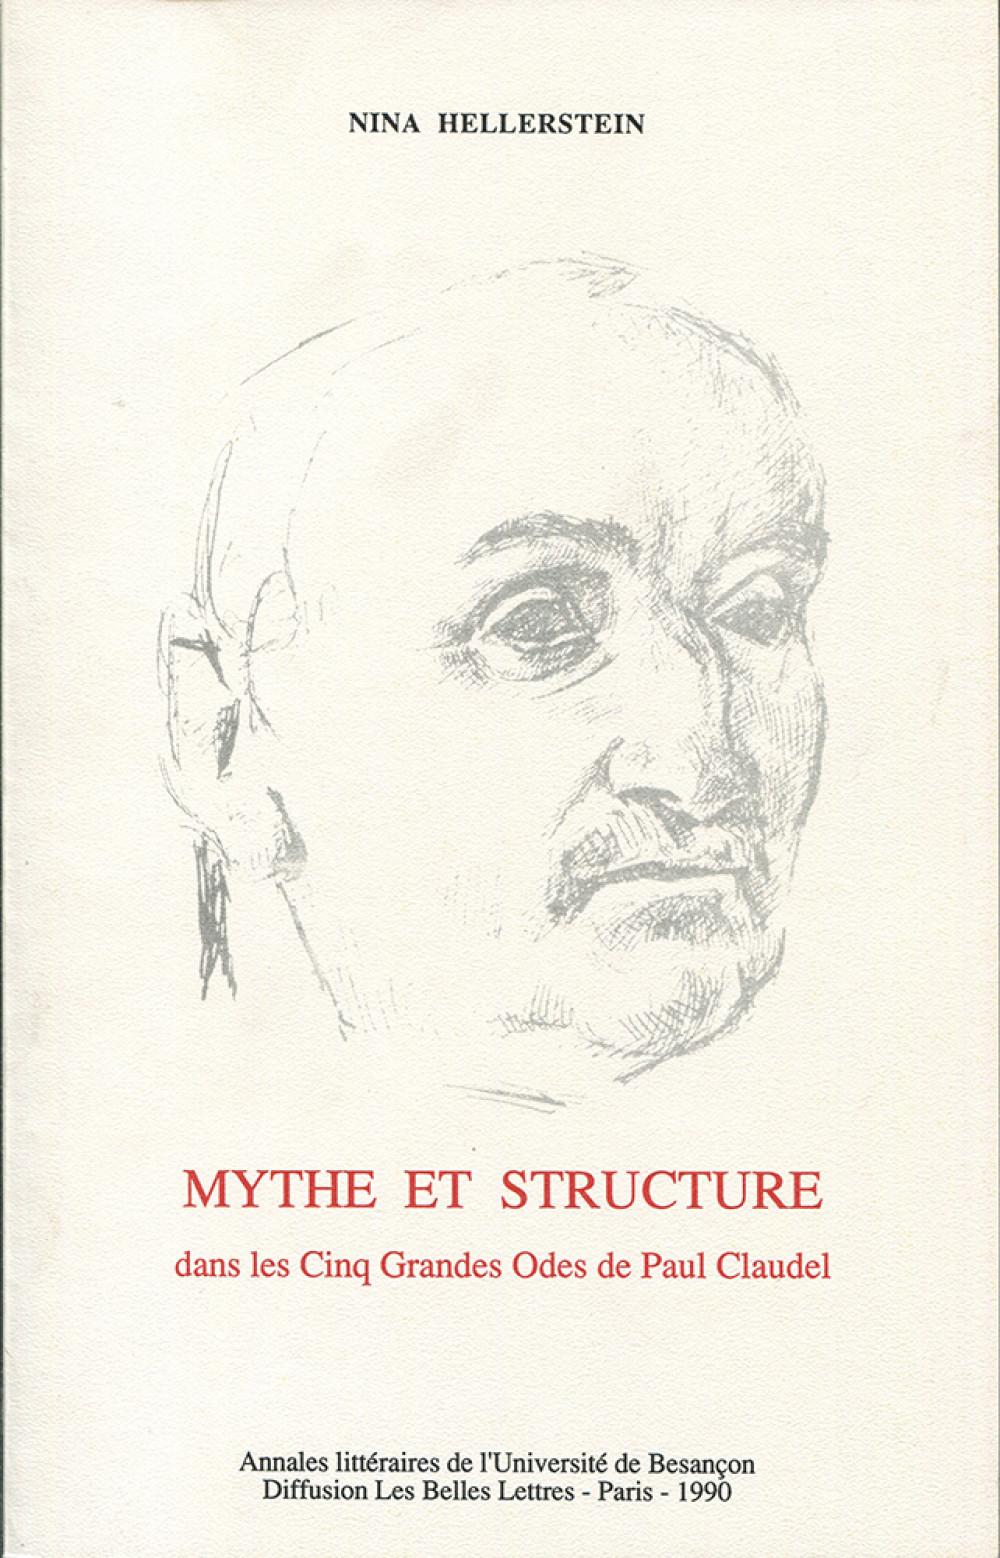 Mythe et structure dans les Cinq Grandes Odes de P. Claudel